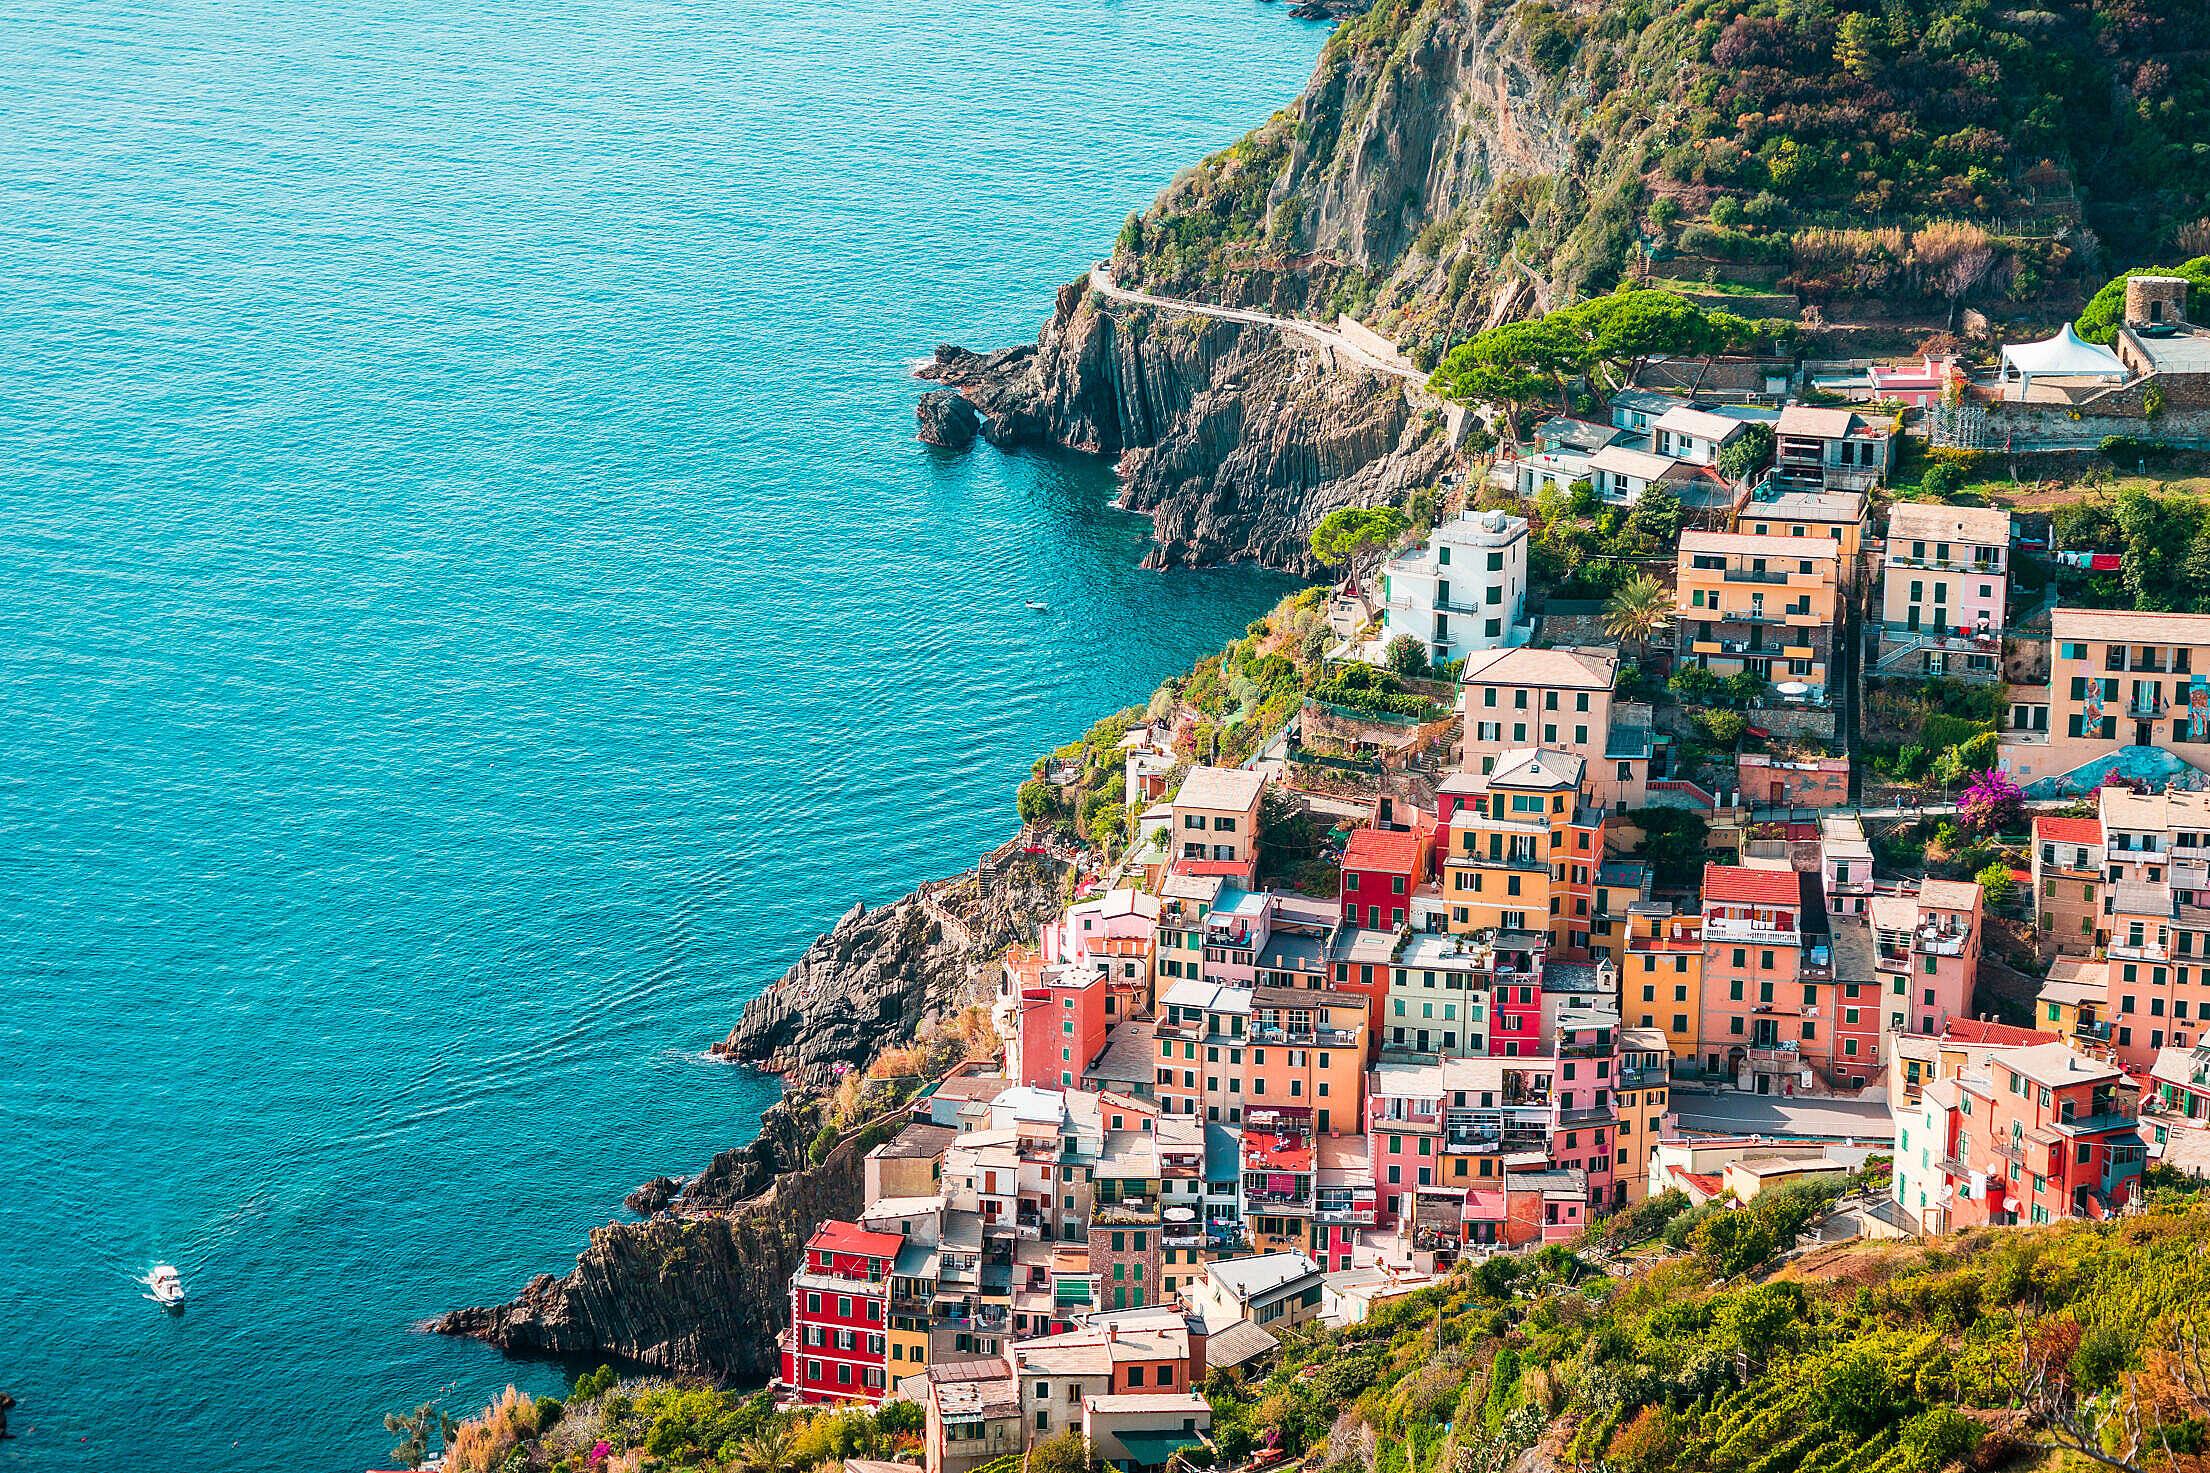 Houses in Riomaggiore, Cinque Terre, Italy Free Stock Photo